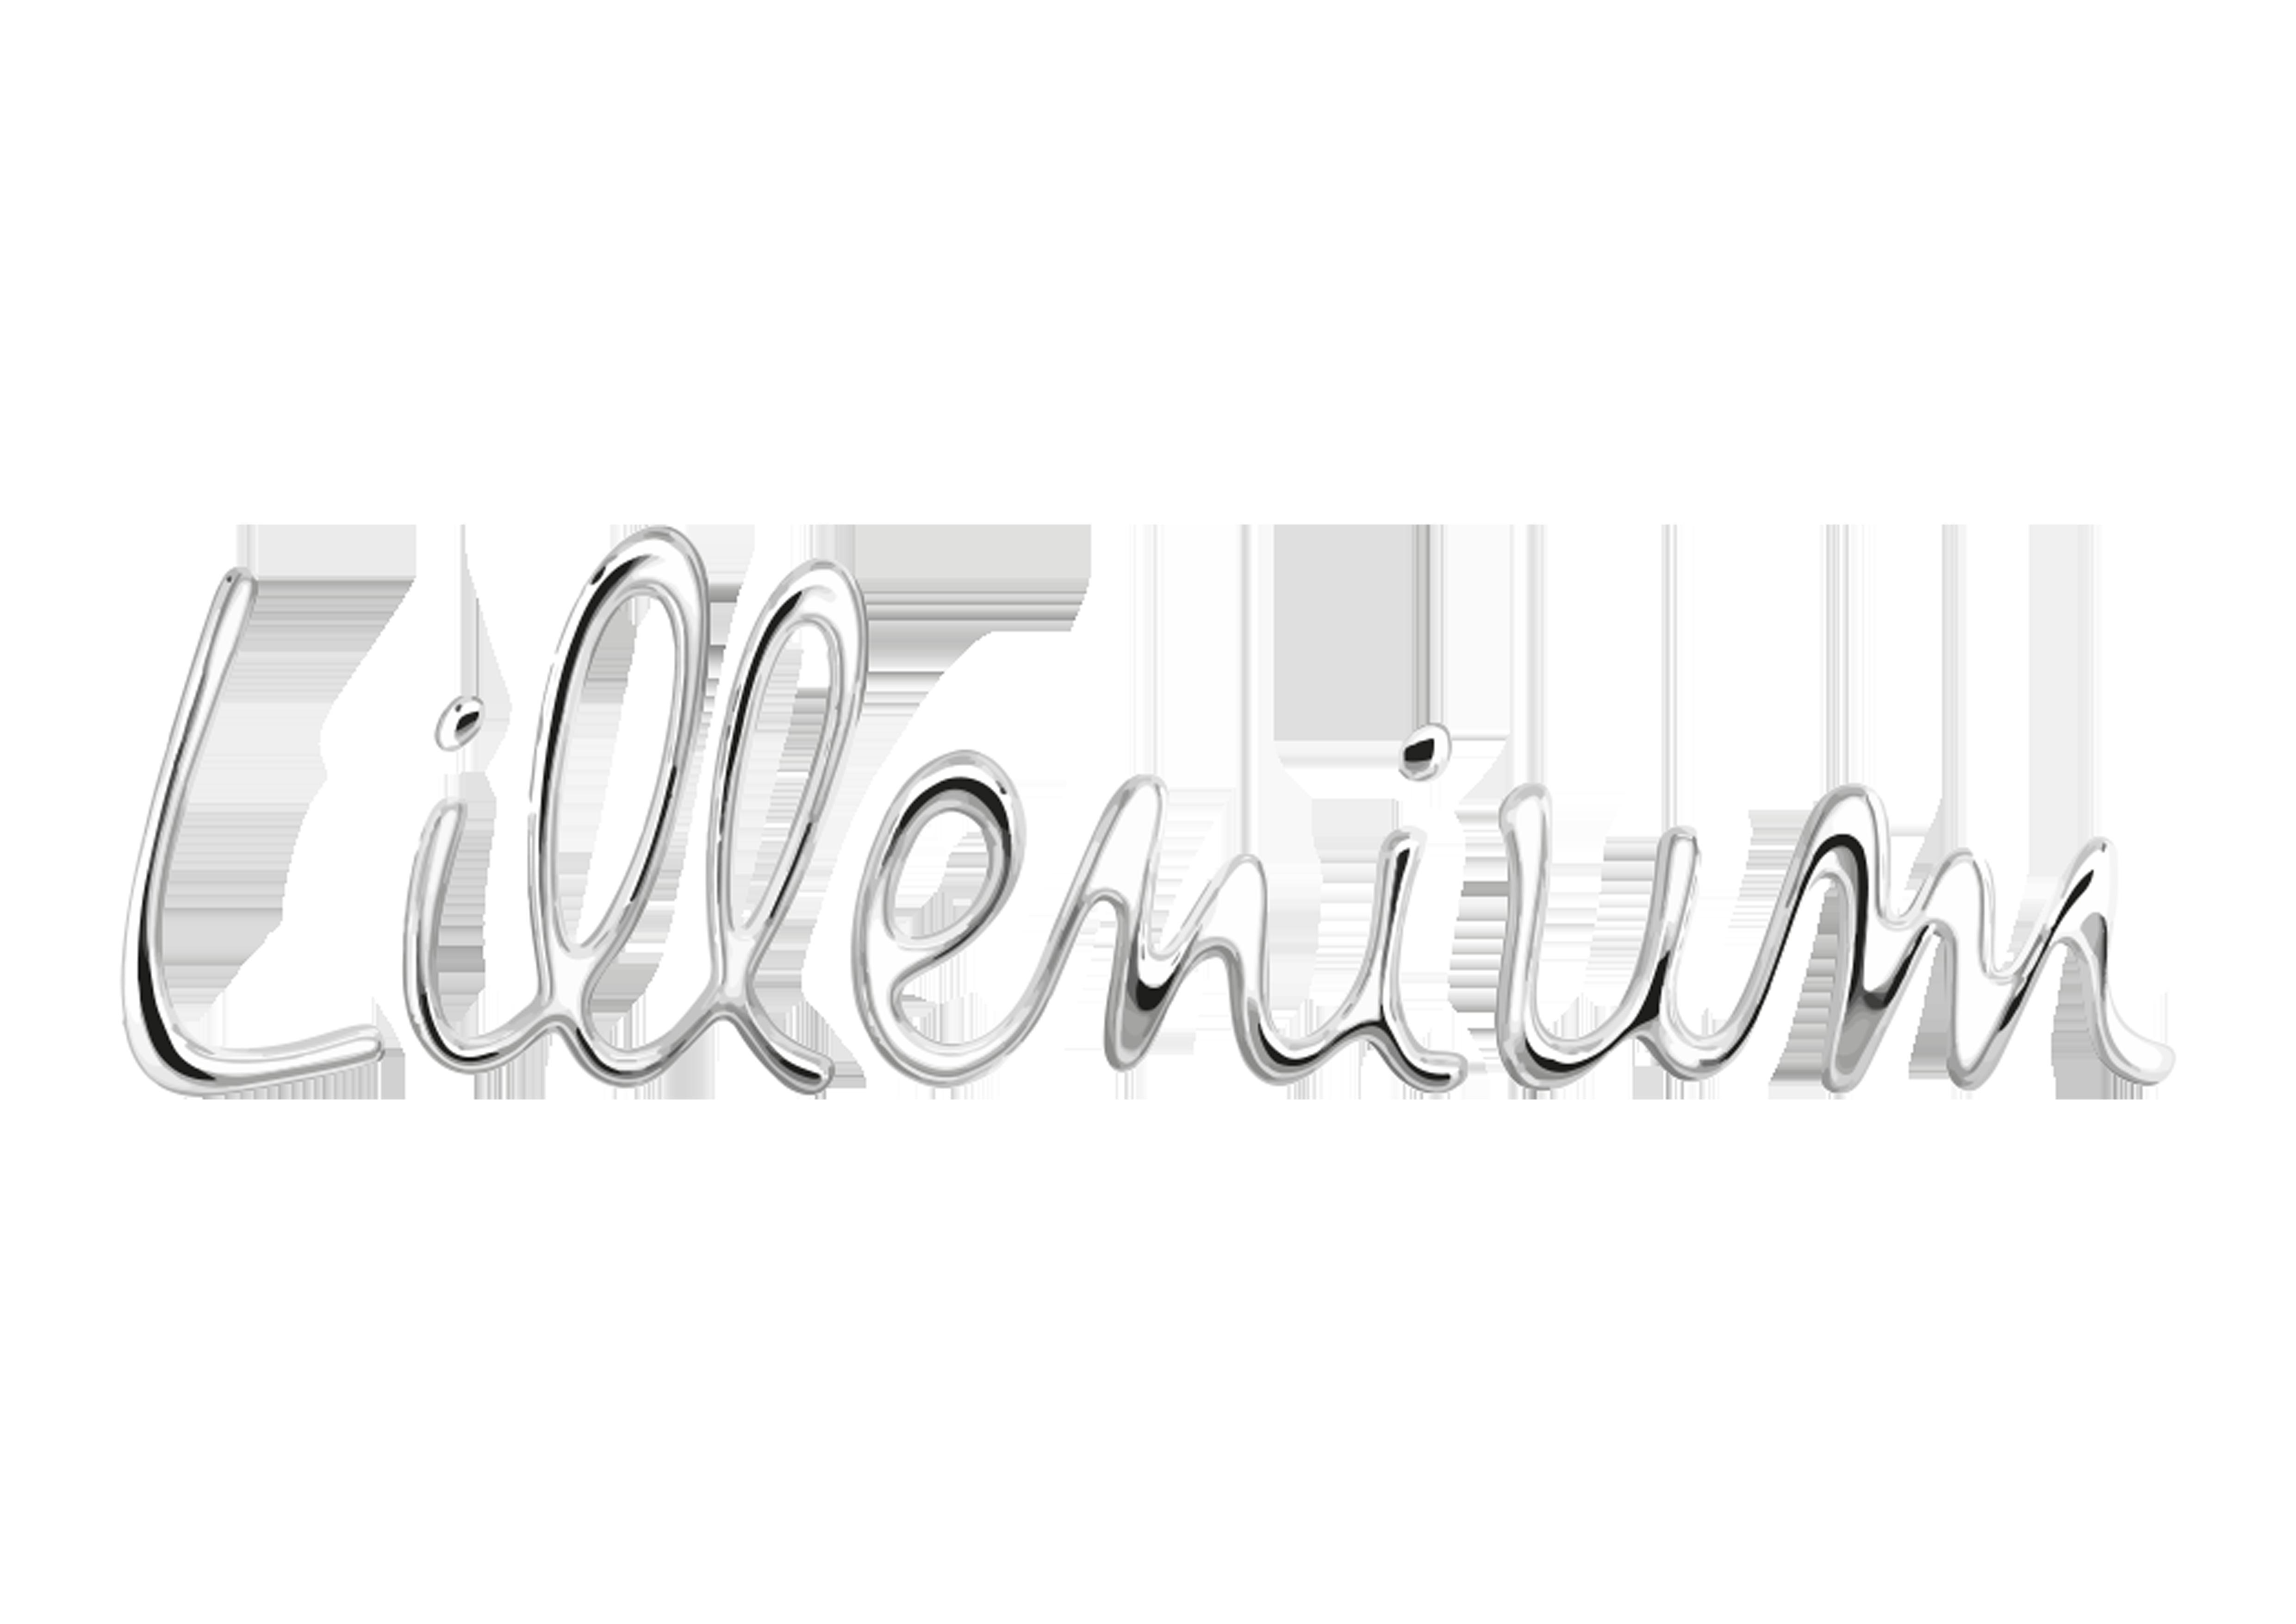 Logo Lillenium